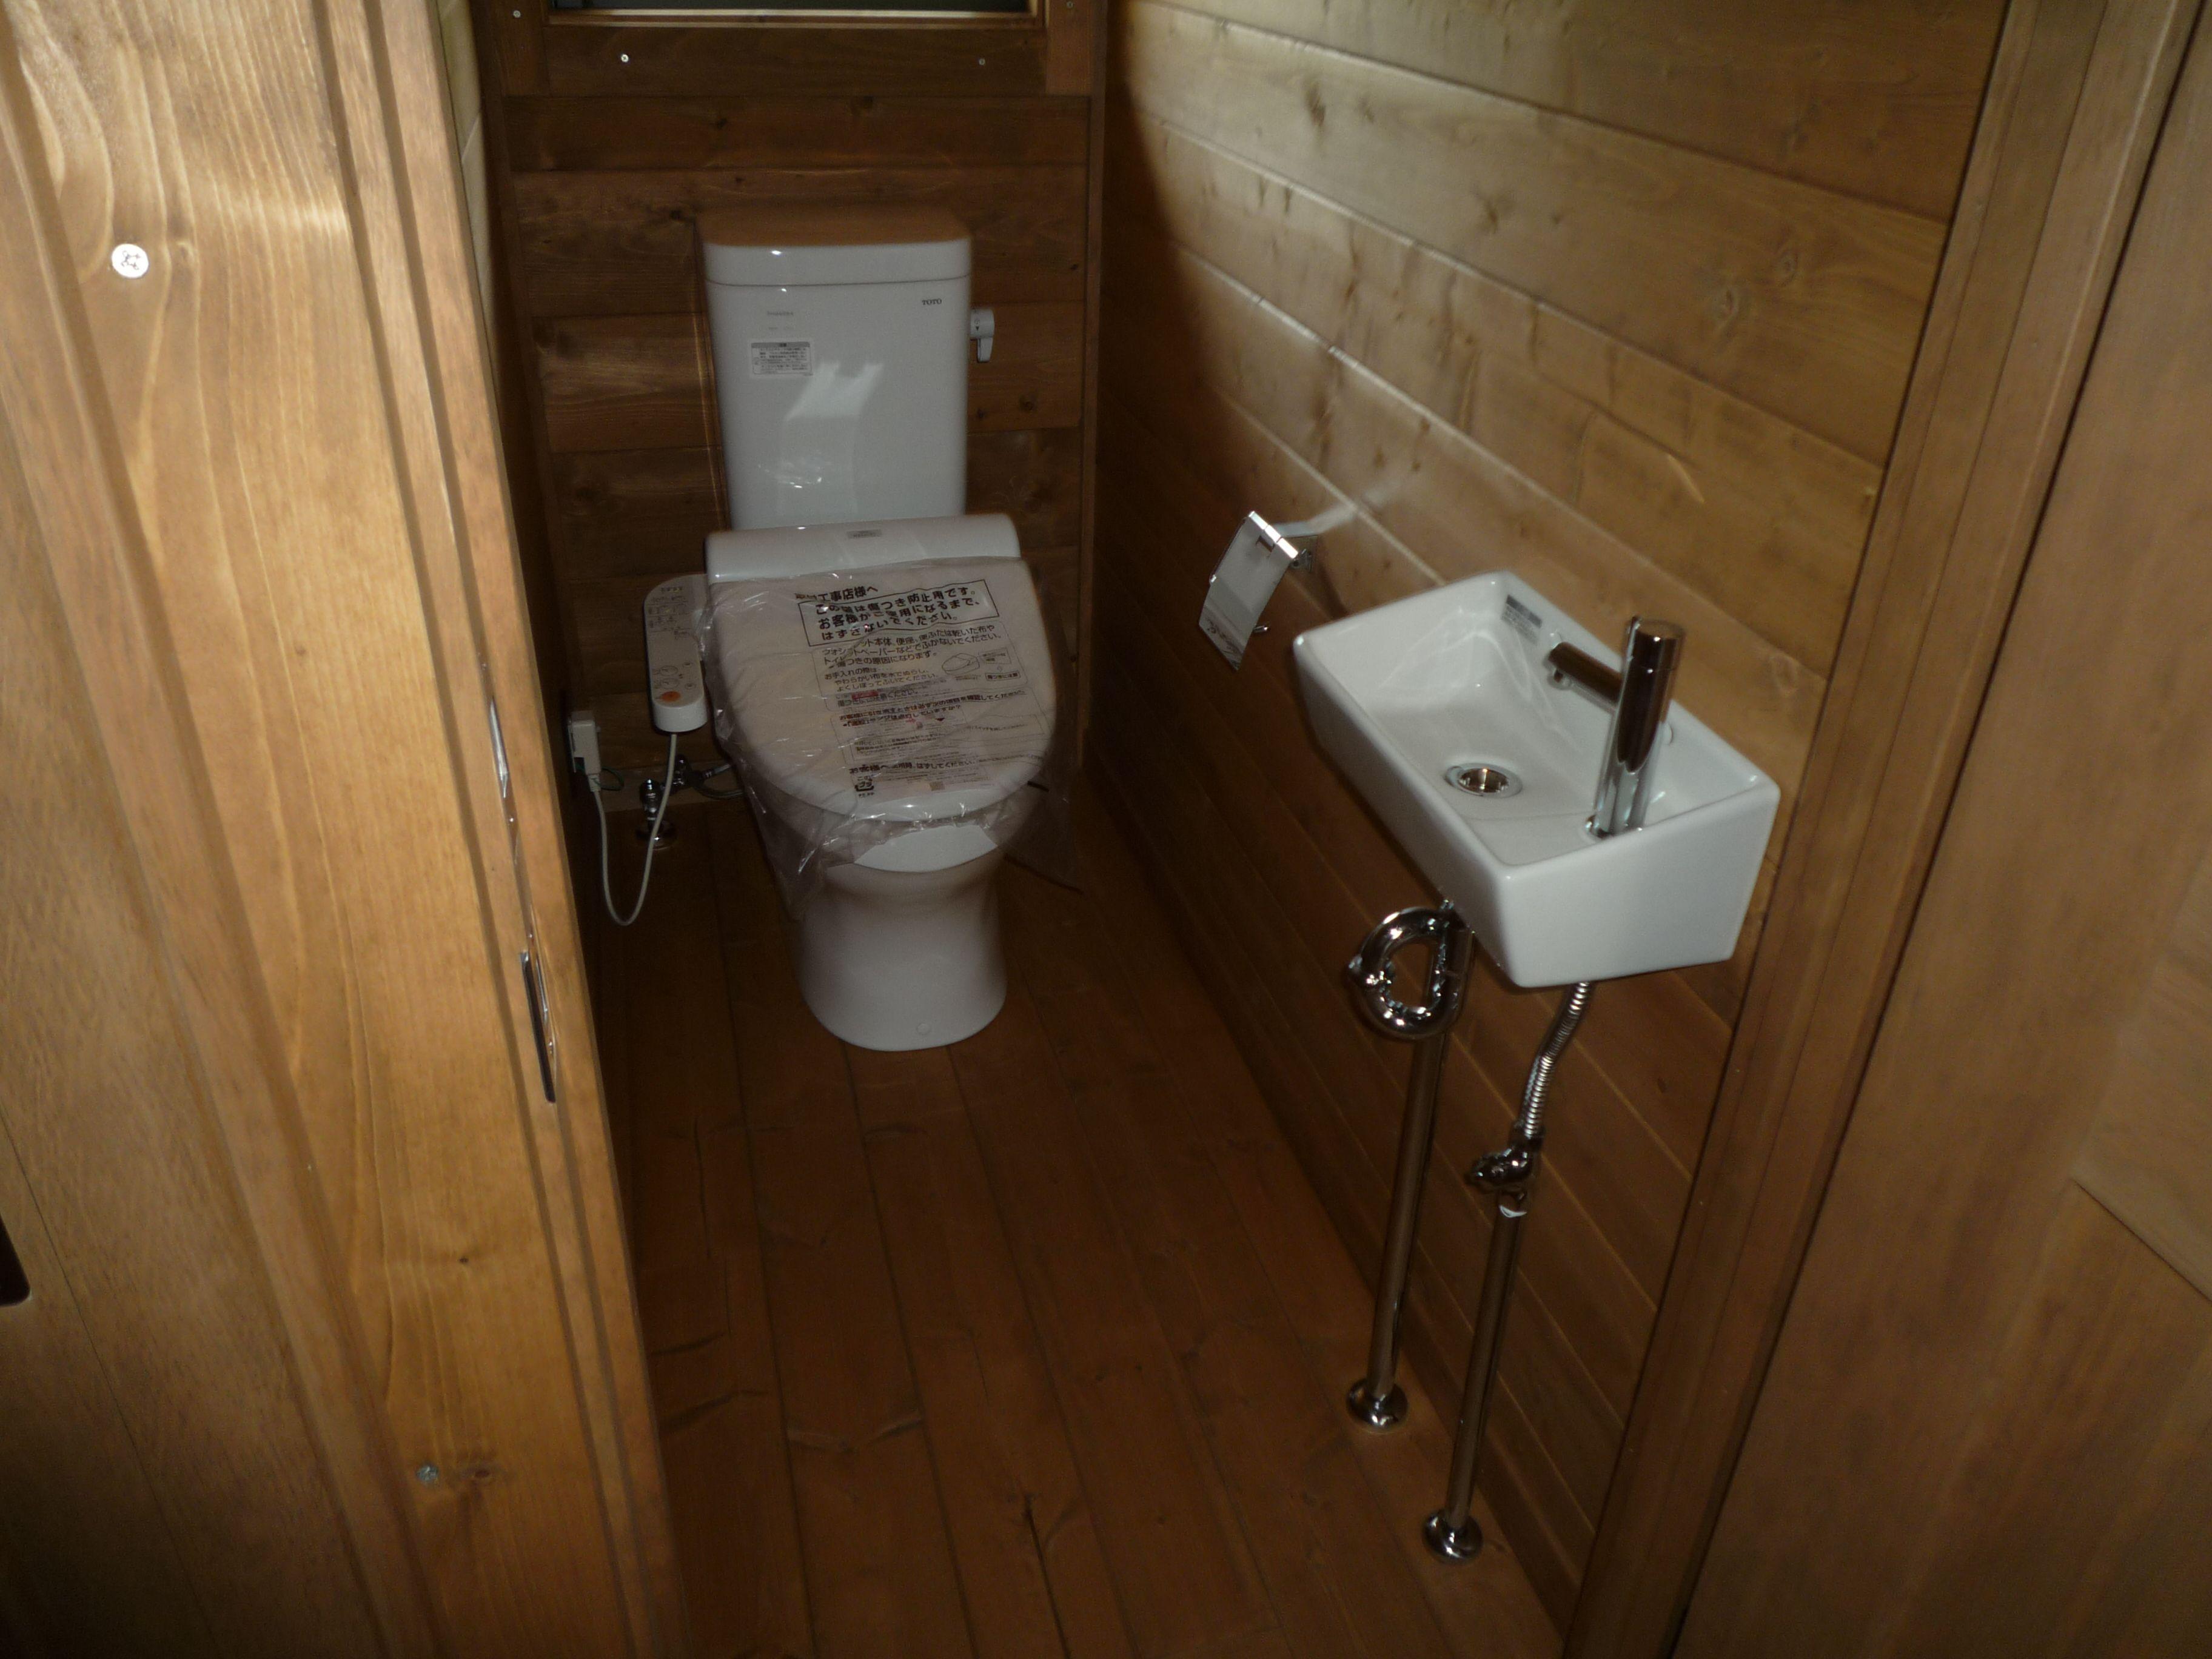 トイレ toto 狭小手洗 inax トイレ 手洗い 狭小